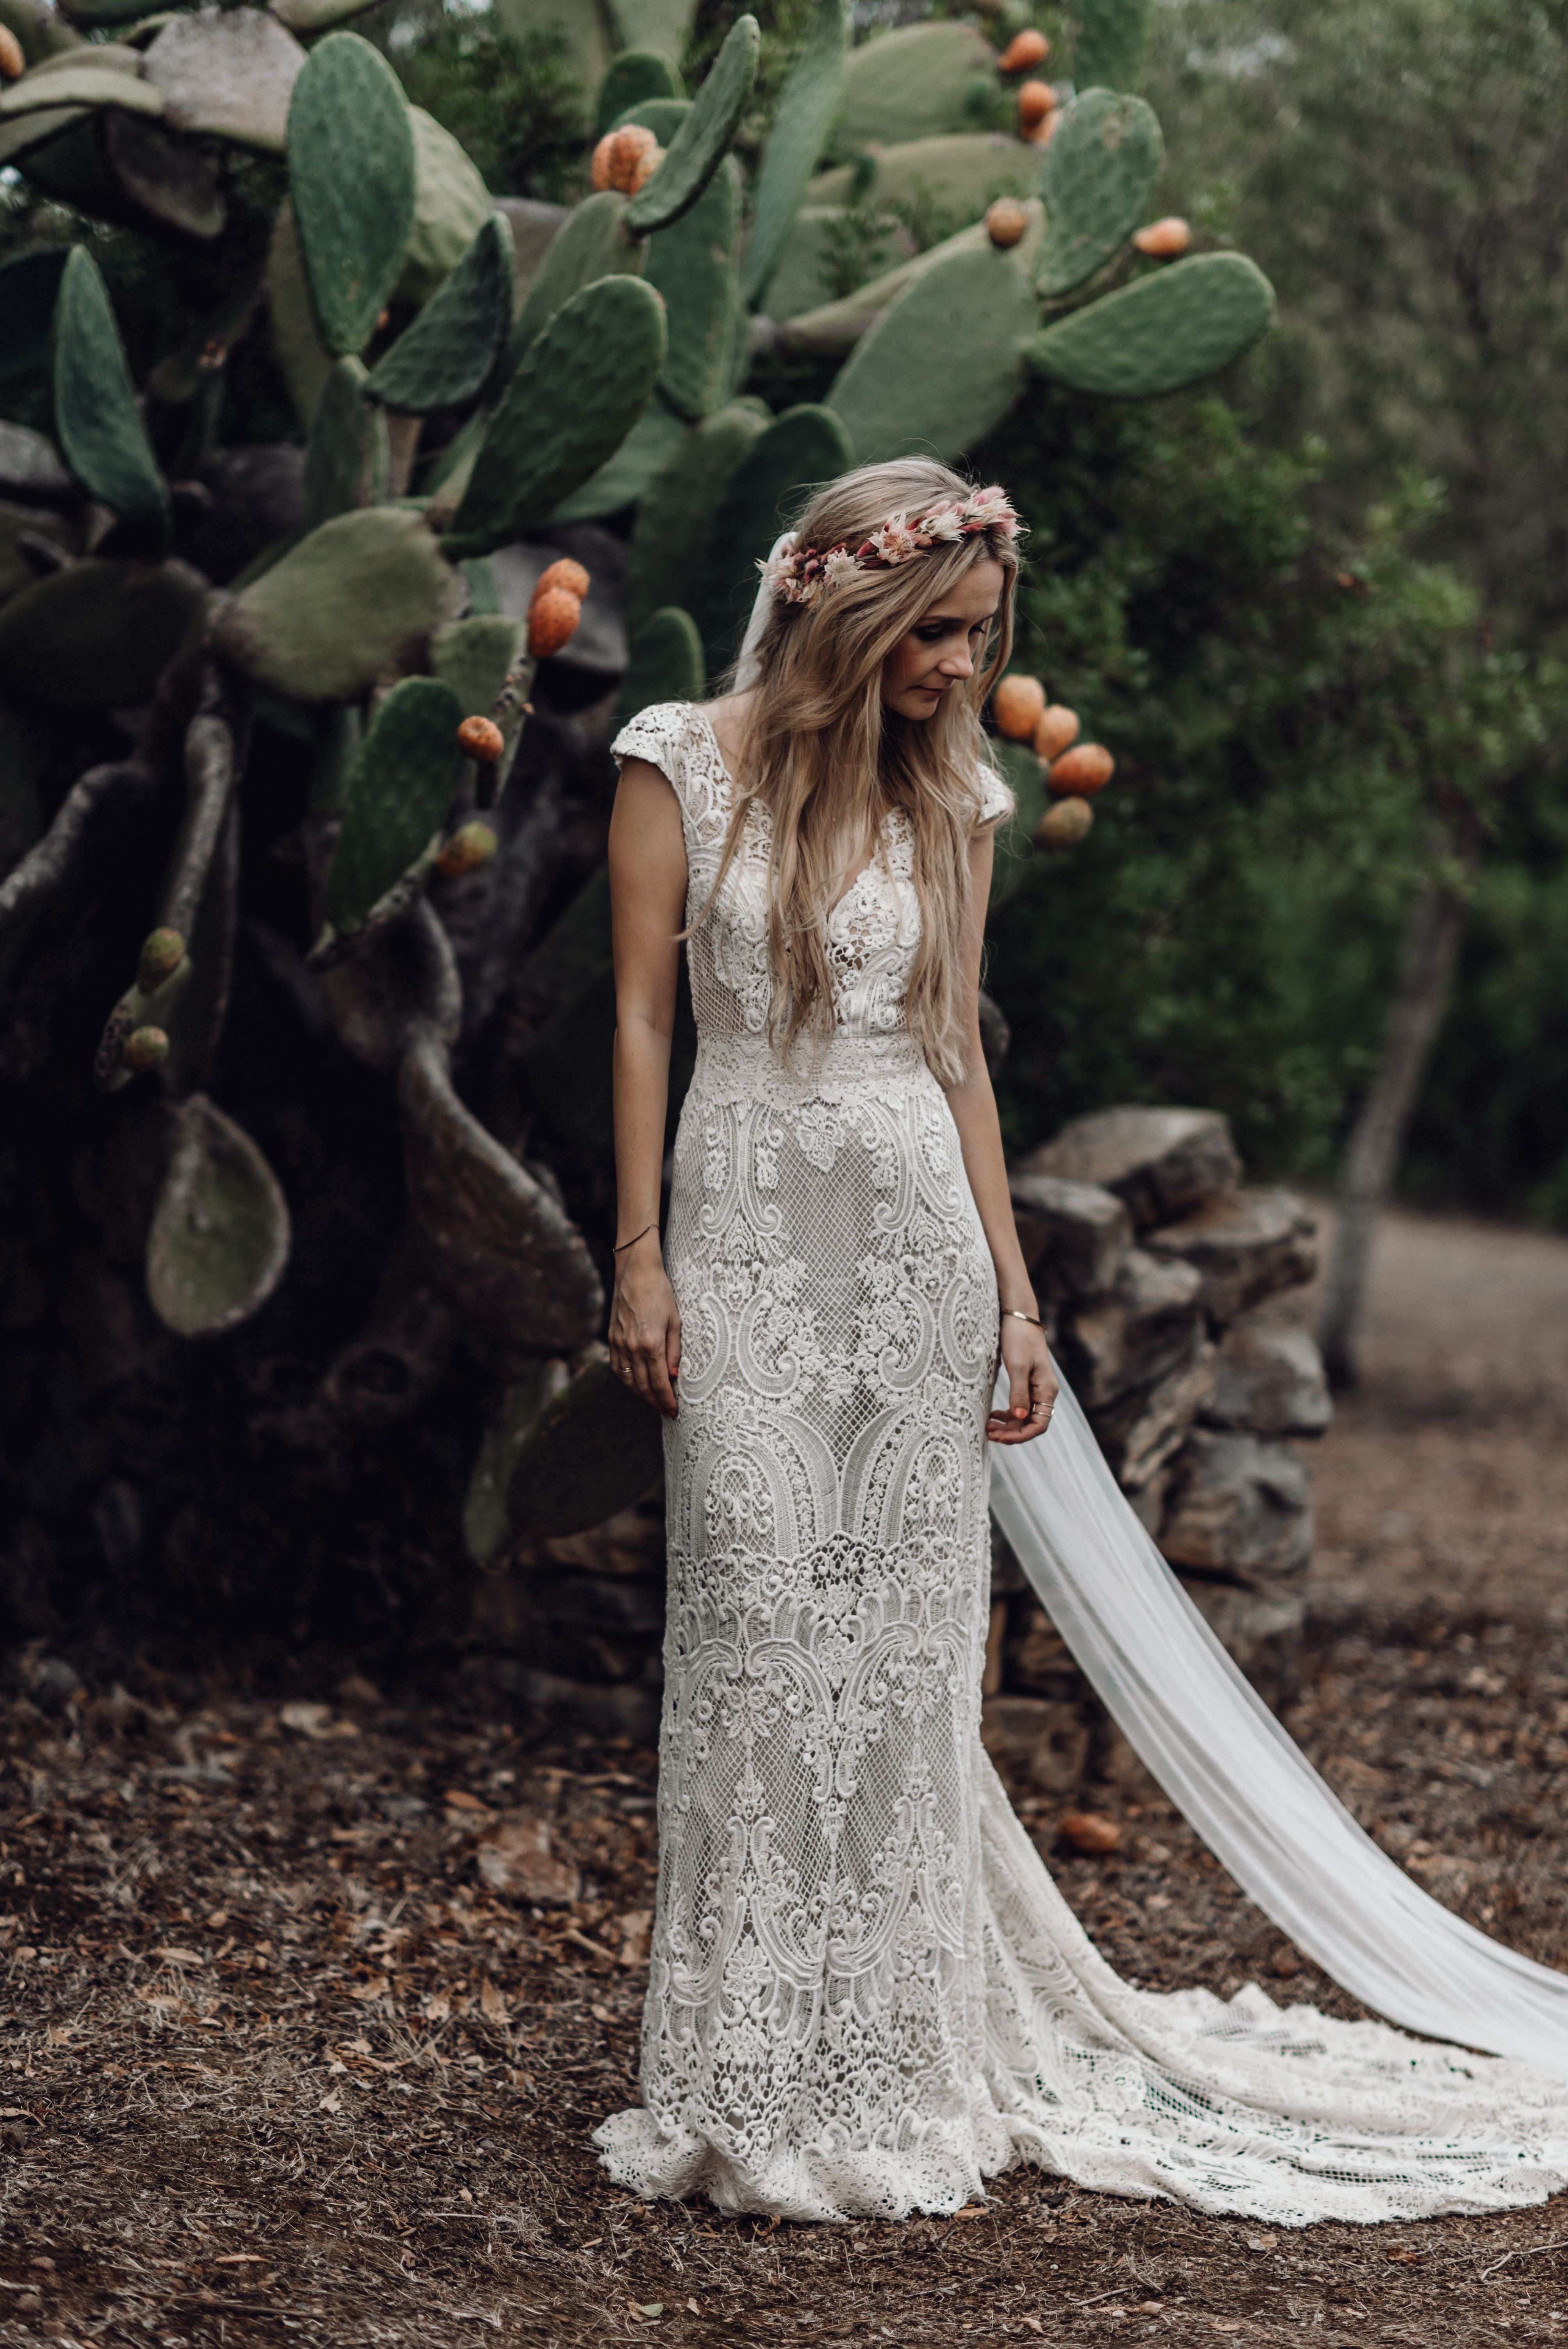 Real Brides - ELBBRAUT  Kleid hochzeit, Hochzeitskleid spitze, Braut